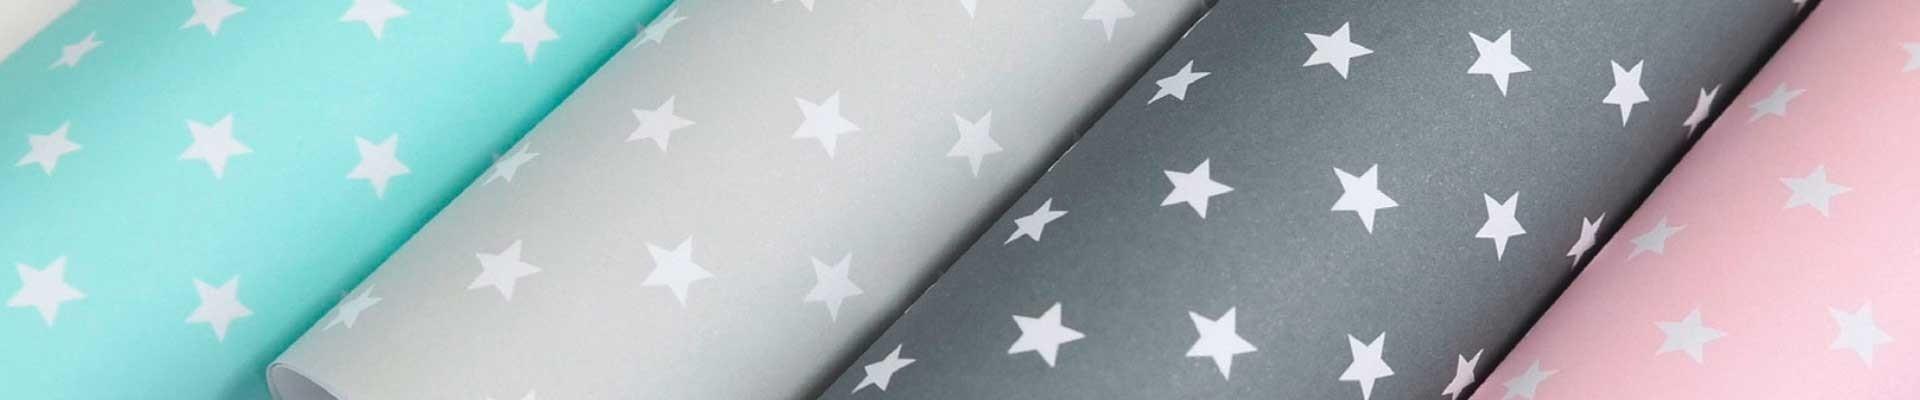 Geschenkpapier mit Sternen